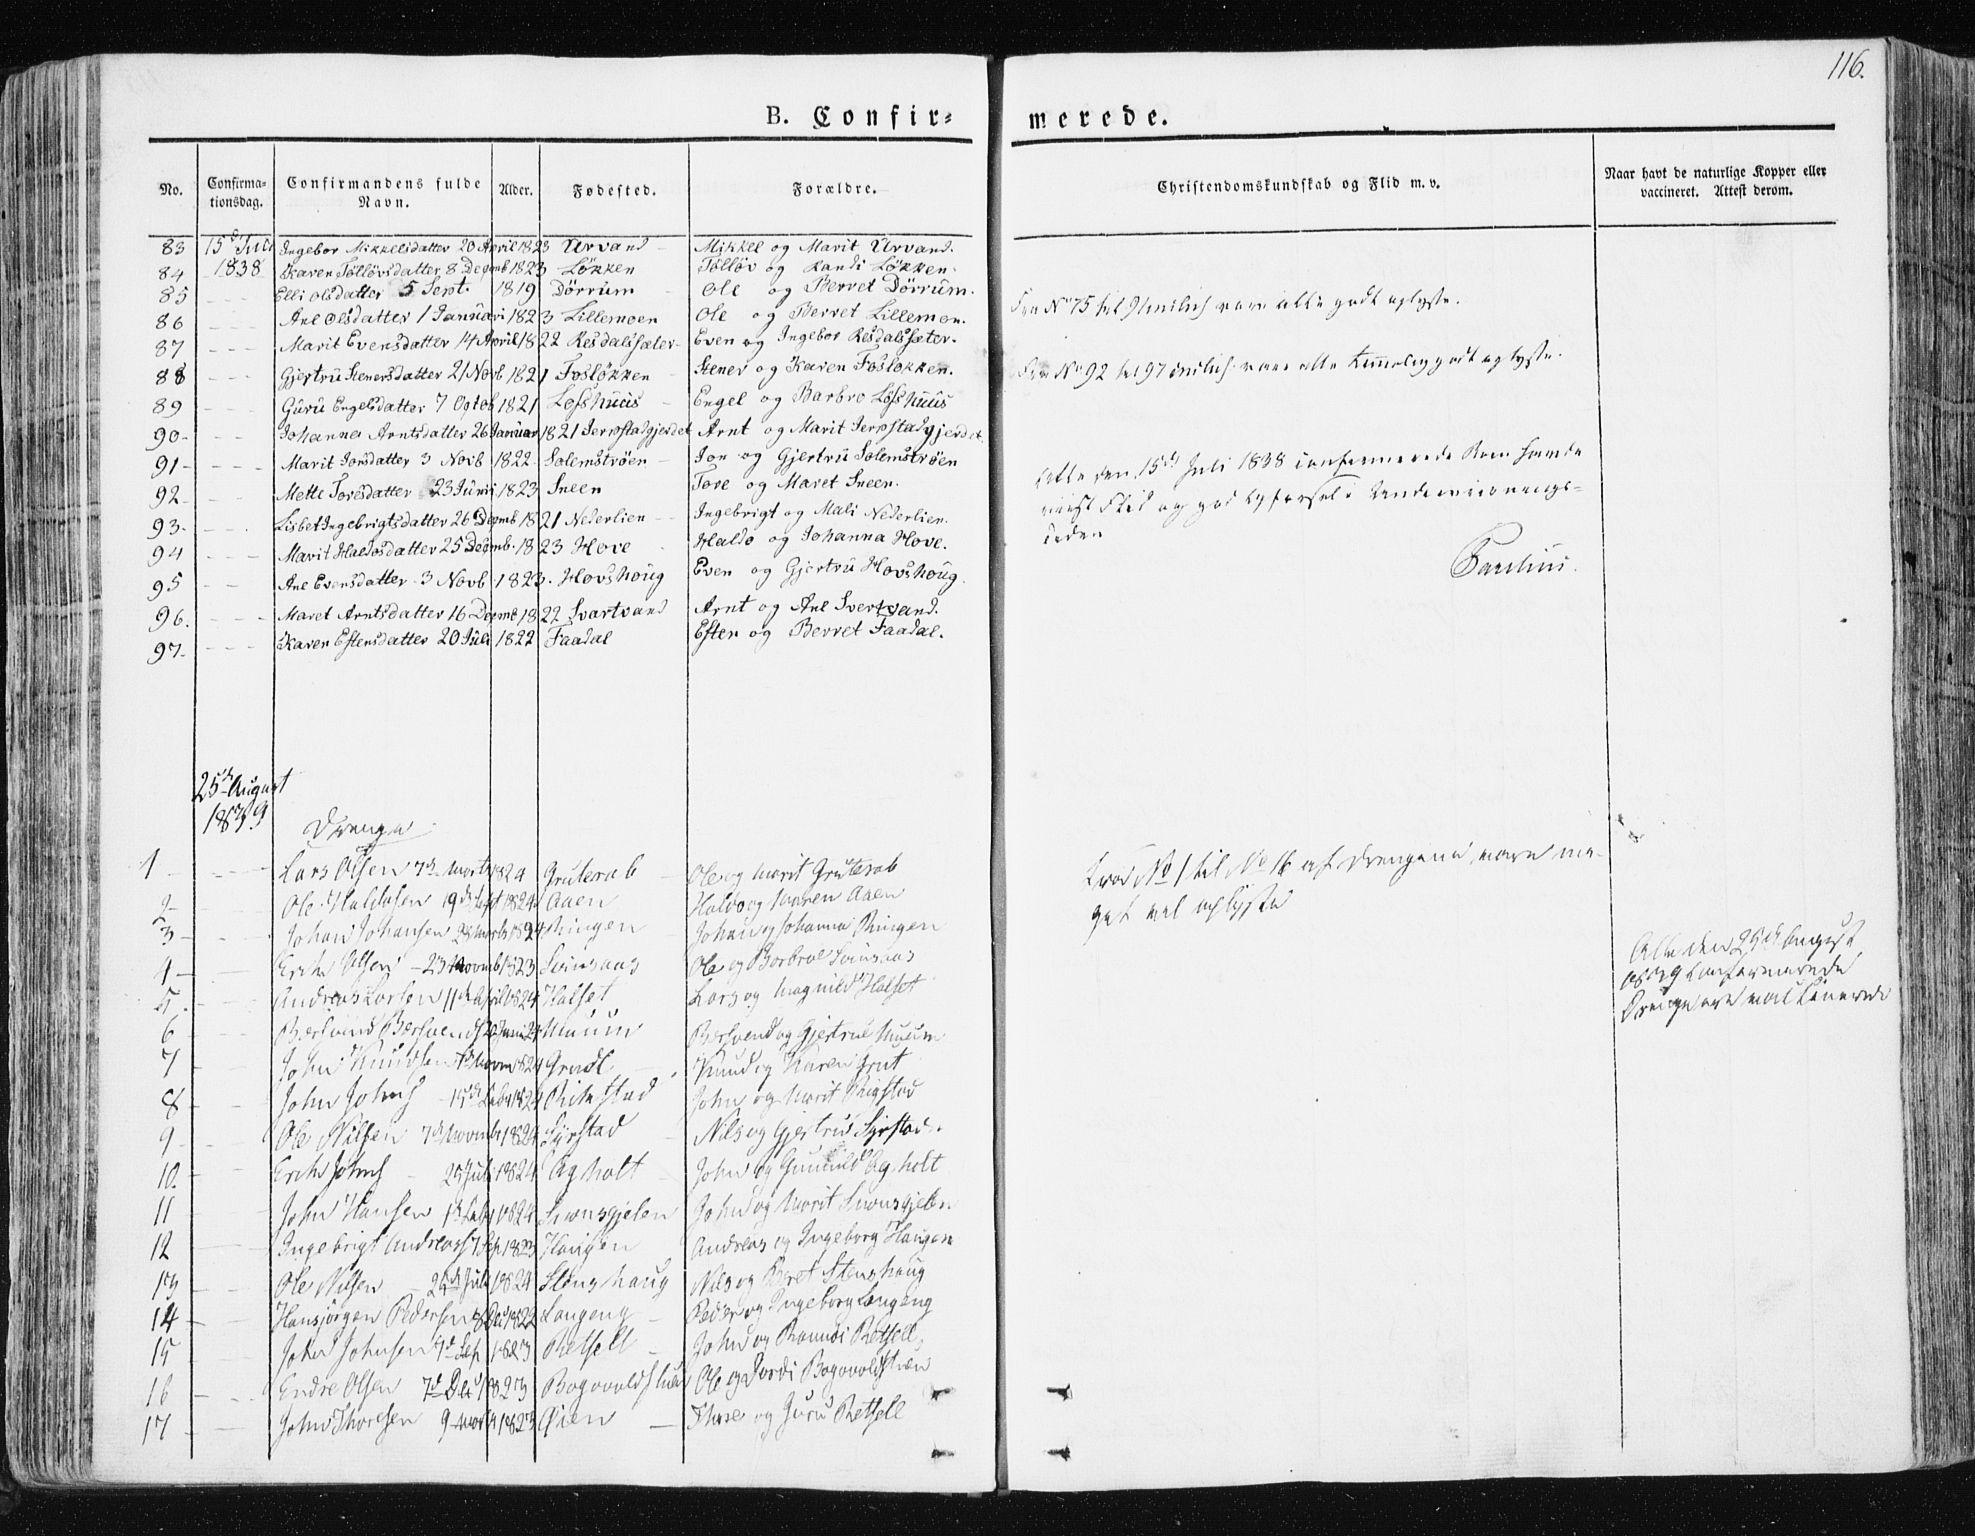 SAT, Ministerialprotokoller, klokkerbøker og fødselsregistre - Sør-Trøndelag, 672/L0855: Ministerialbok nr. 672A07, 1829-1860, s. 116